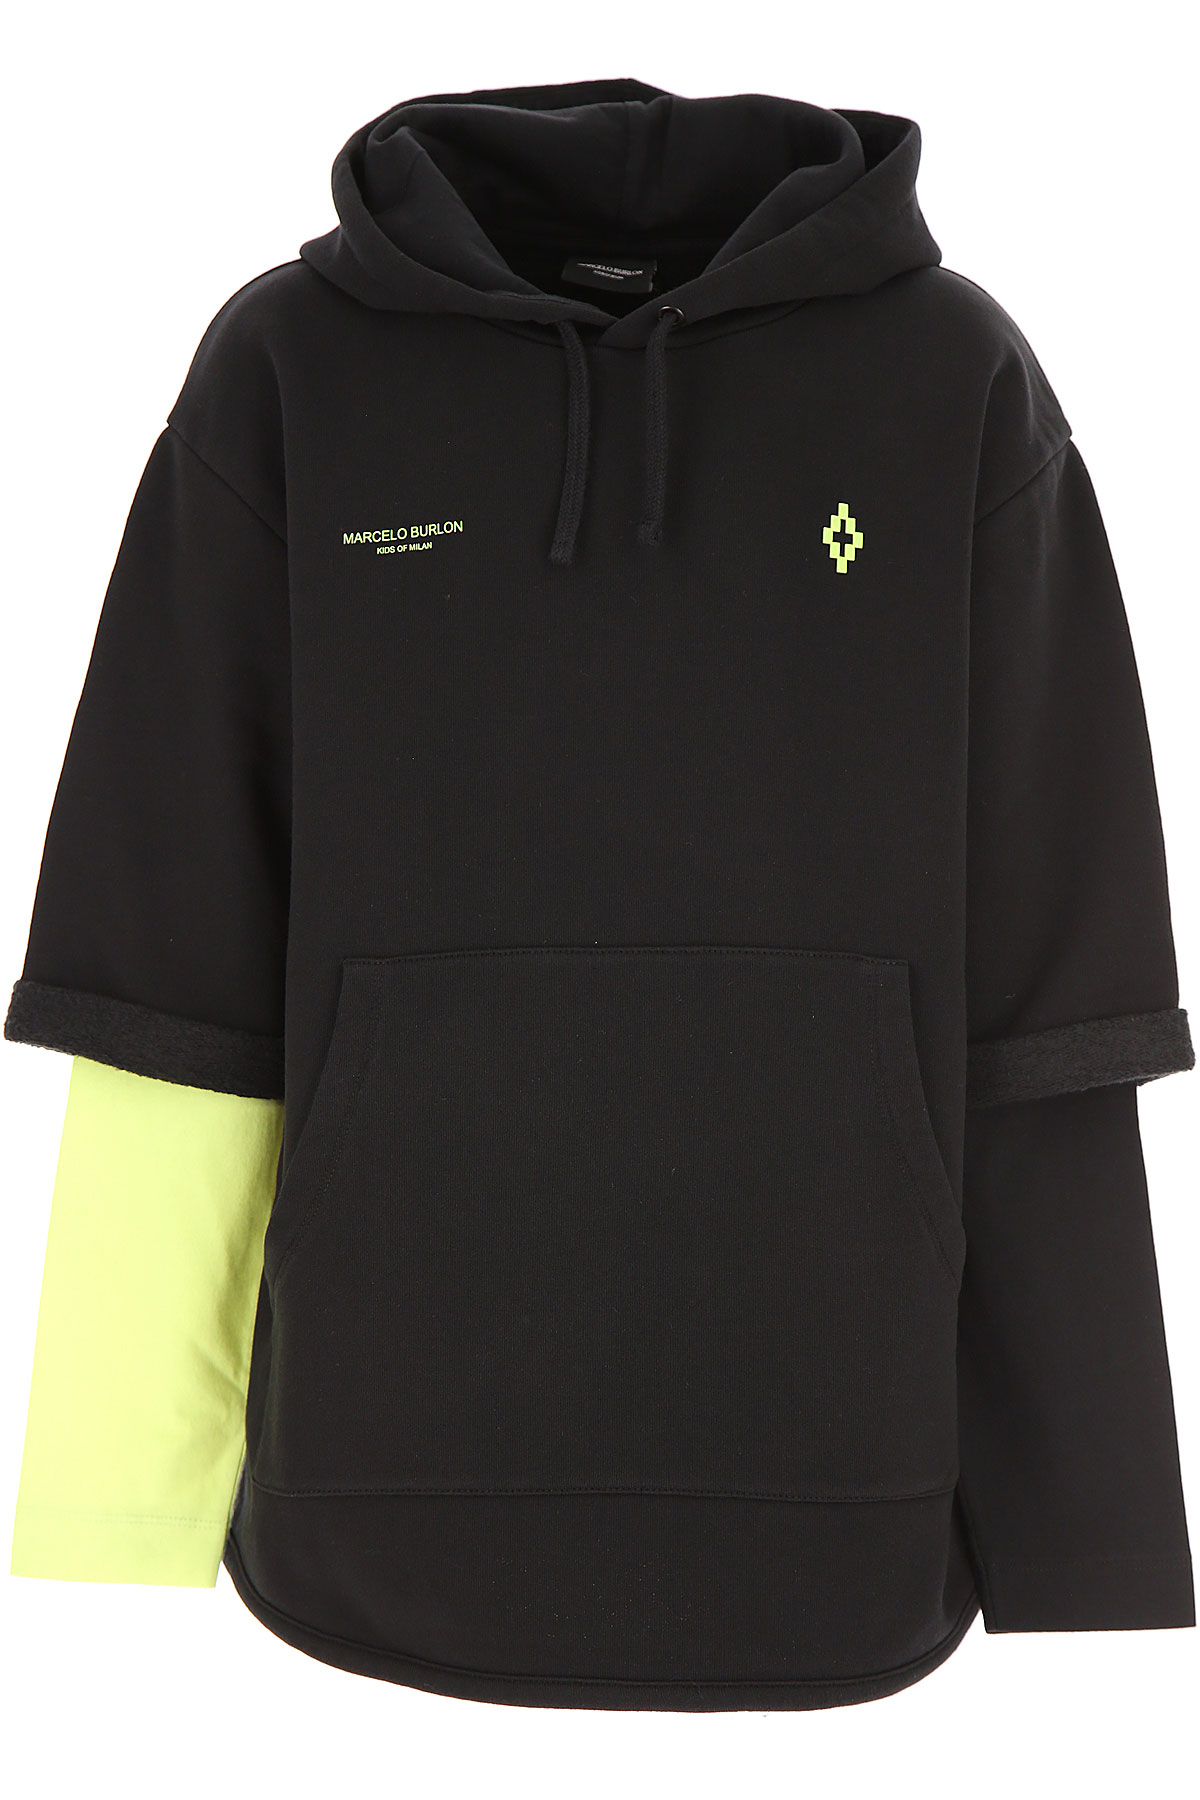 Marcelo Burlon Kids Sweatshirts & Hoodies for Boys On Sale, Black, Cotton, 2019, 10Y 12Y 8Y